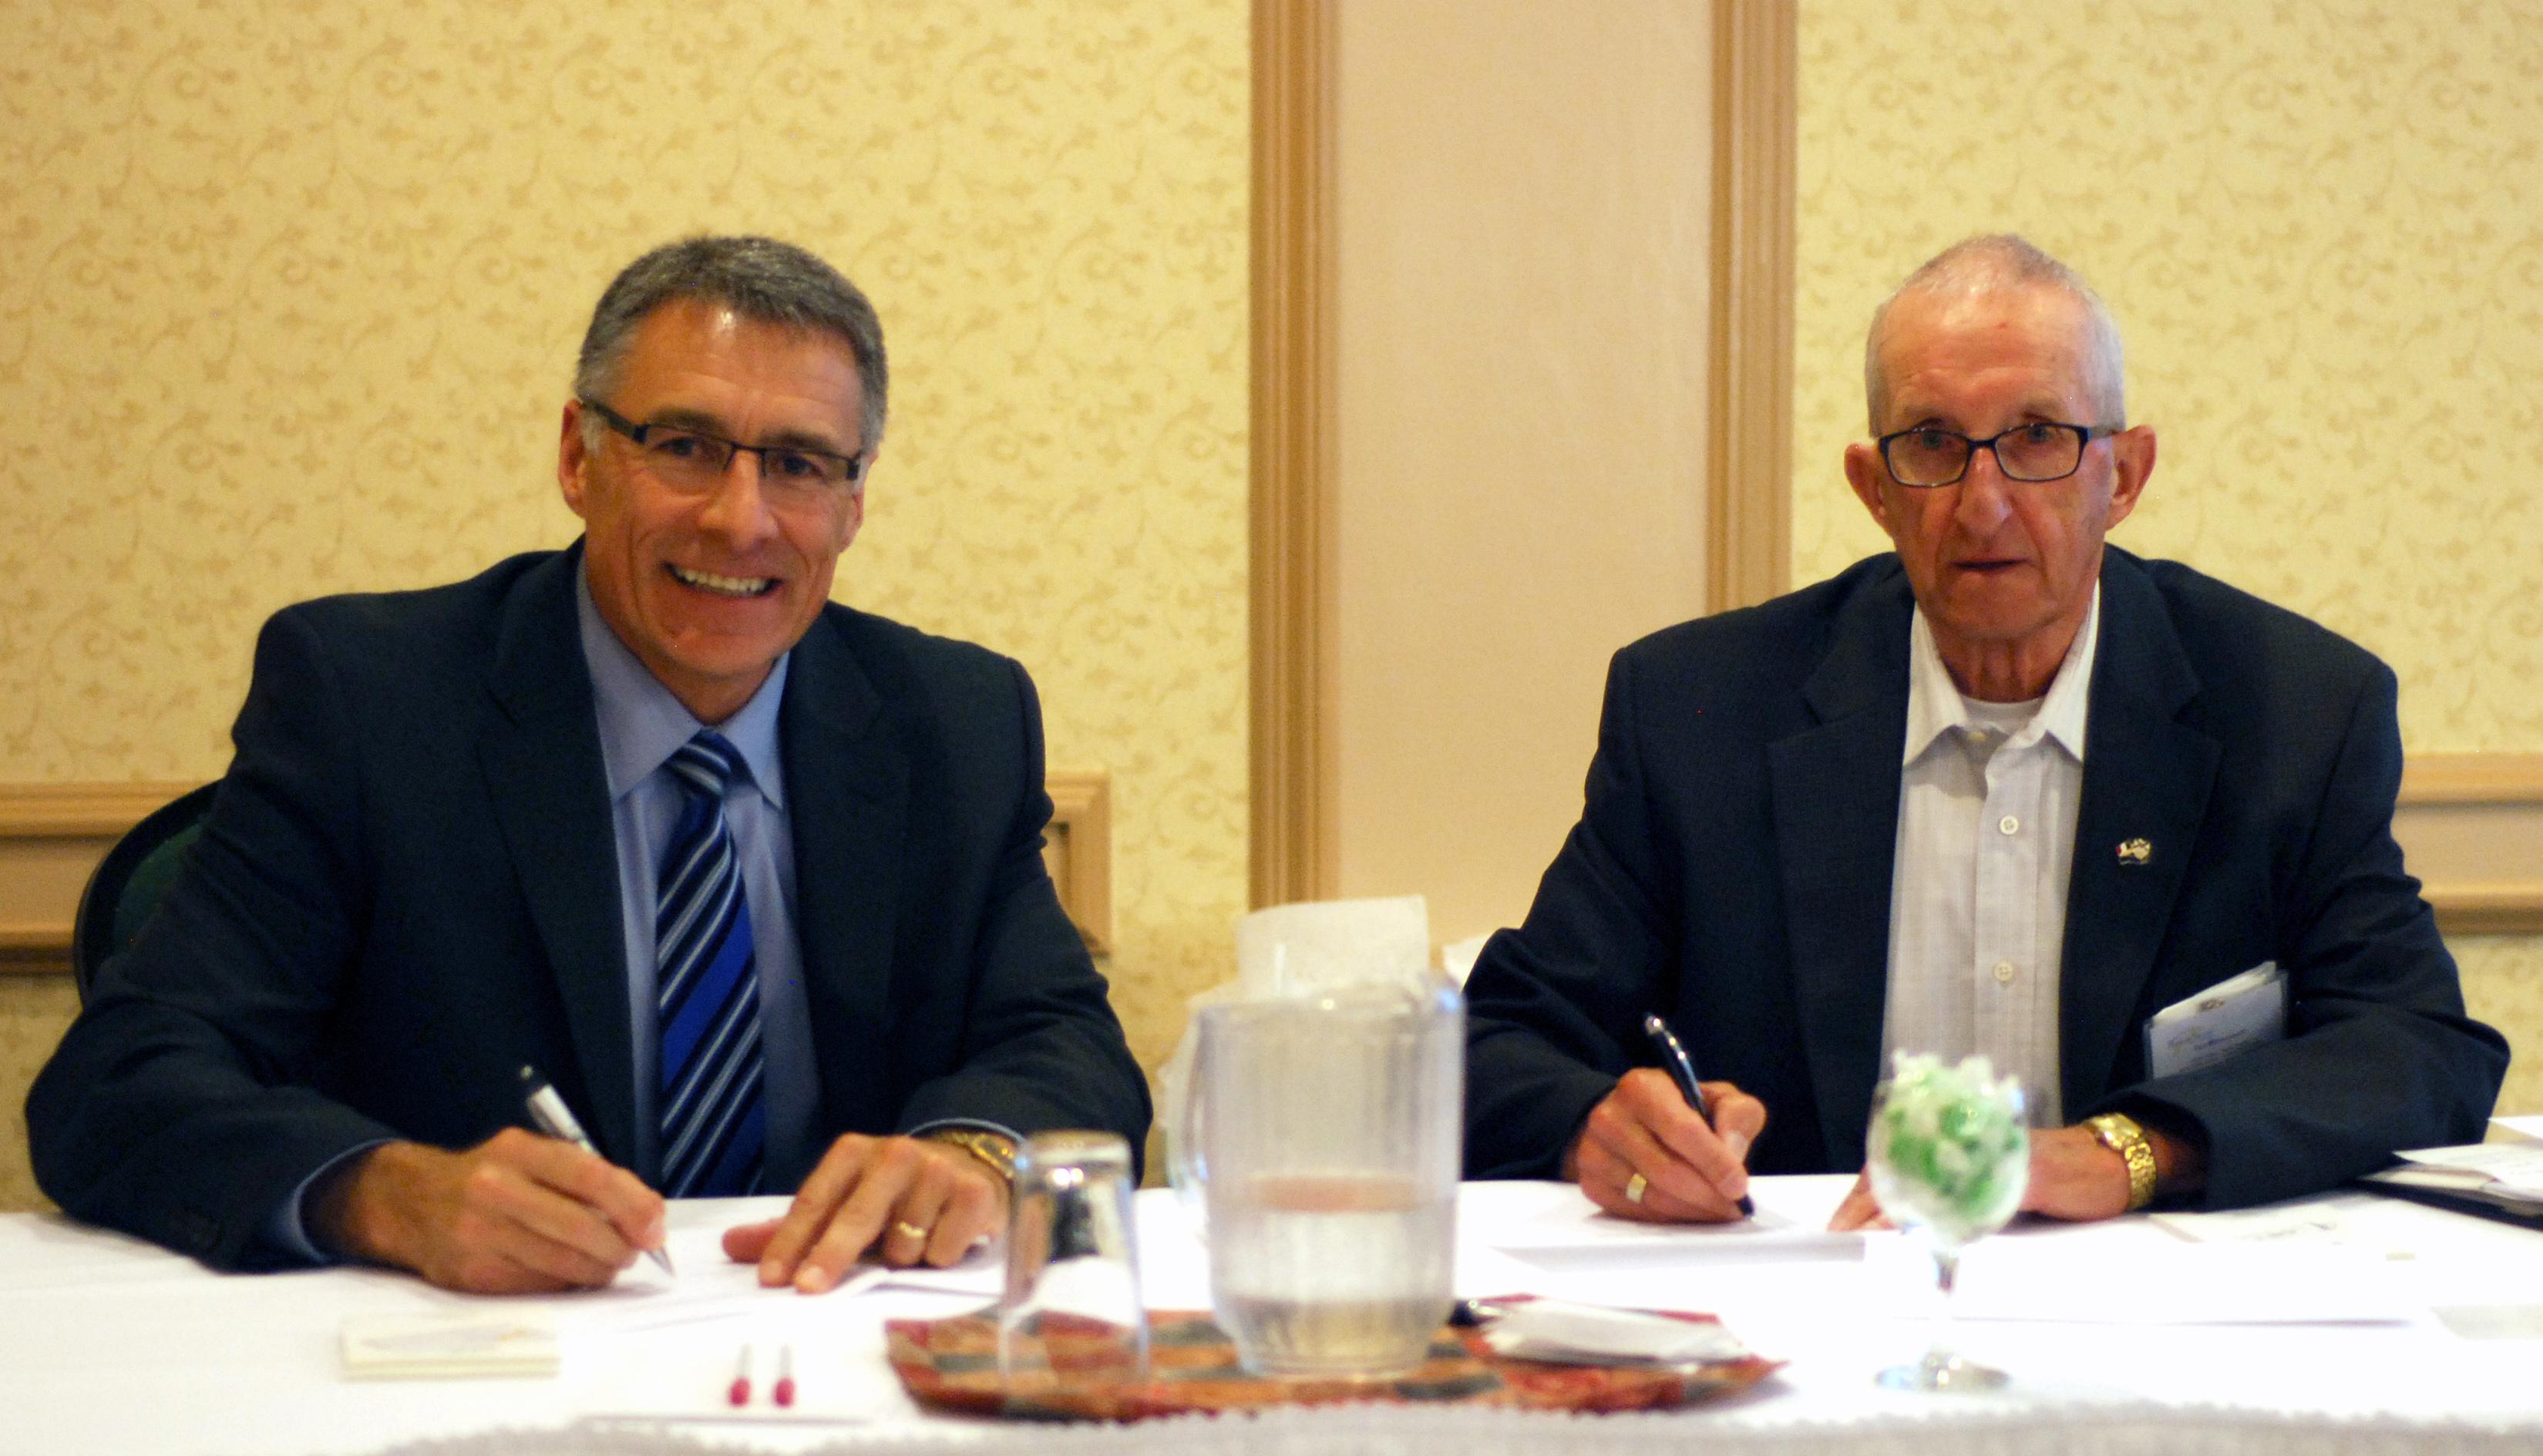 Allister Surette (à gauche), recteur et vice-chancelier à l'Université Sainte-Anne, et Paul d'Entremont (à droite), président du Réseau Santé – Nouvelle-Écosse, ont signé le protocole de collaboration lors du Forum Santé 2016 à Dartmouth.